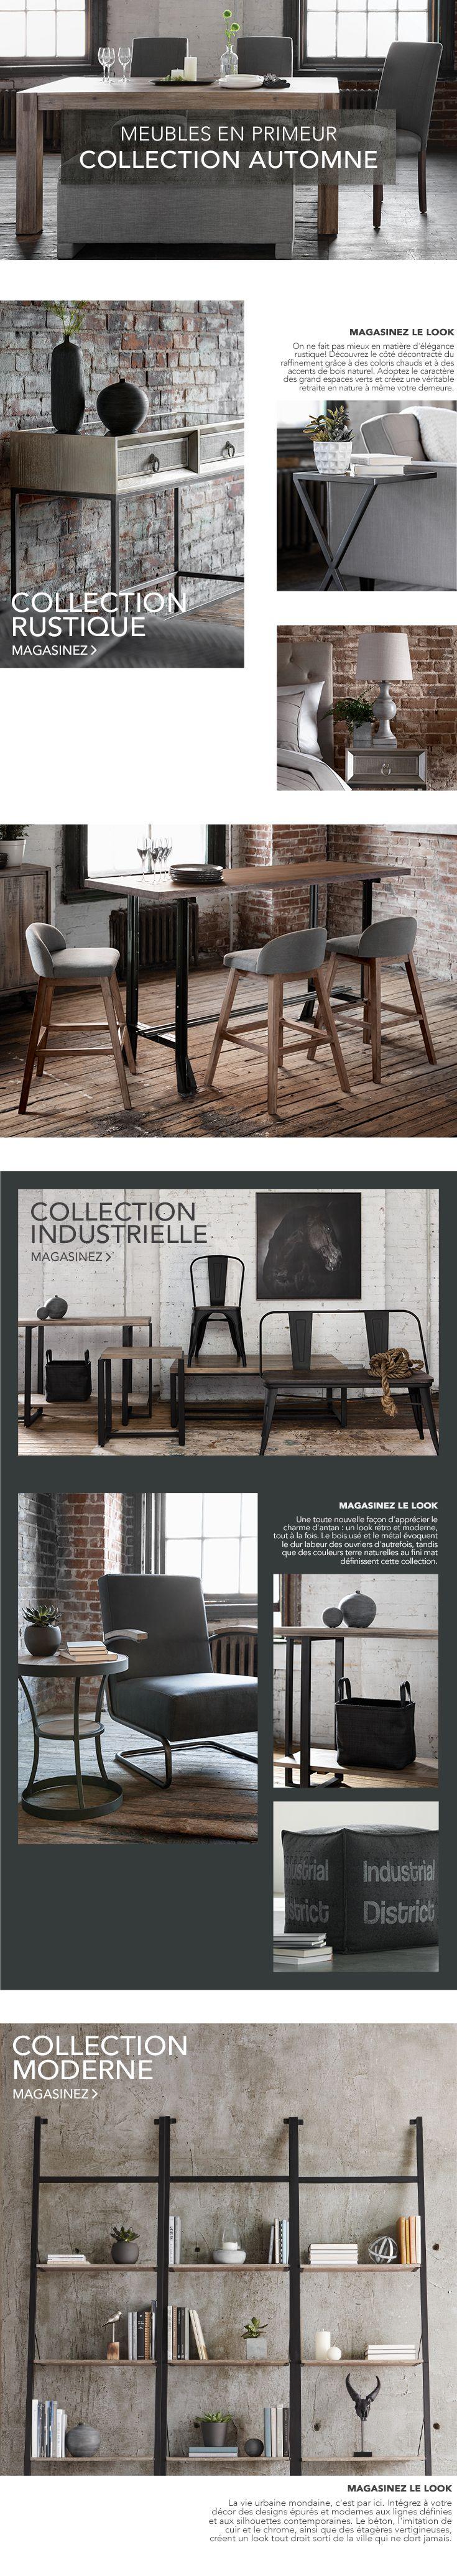 Découvrez en primeur notre collection d automne de meubles selon les tendances rustiques industrielles